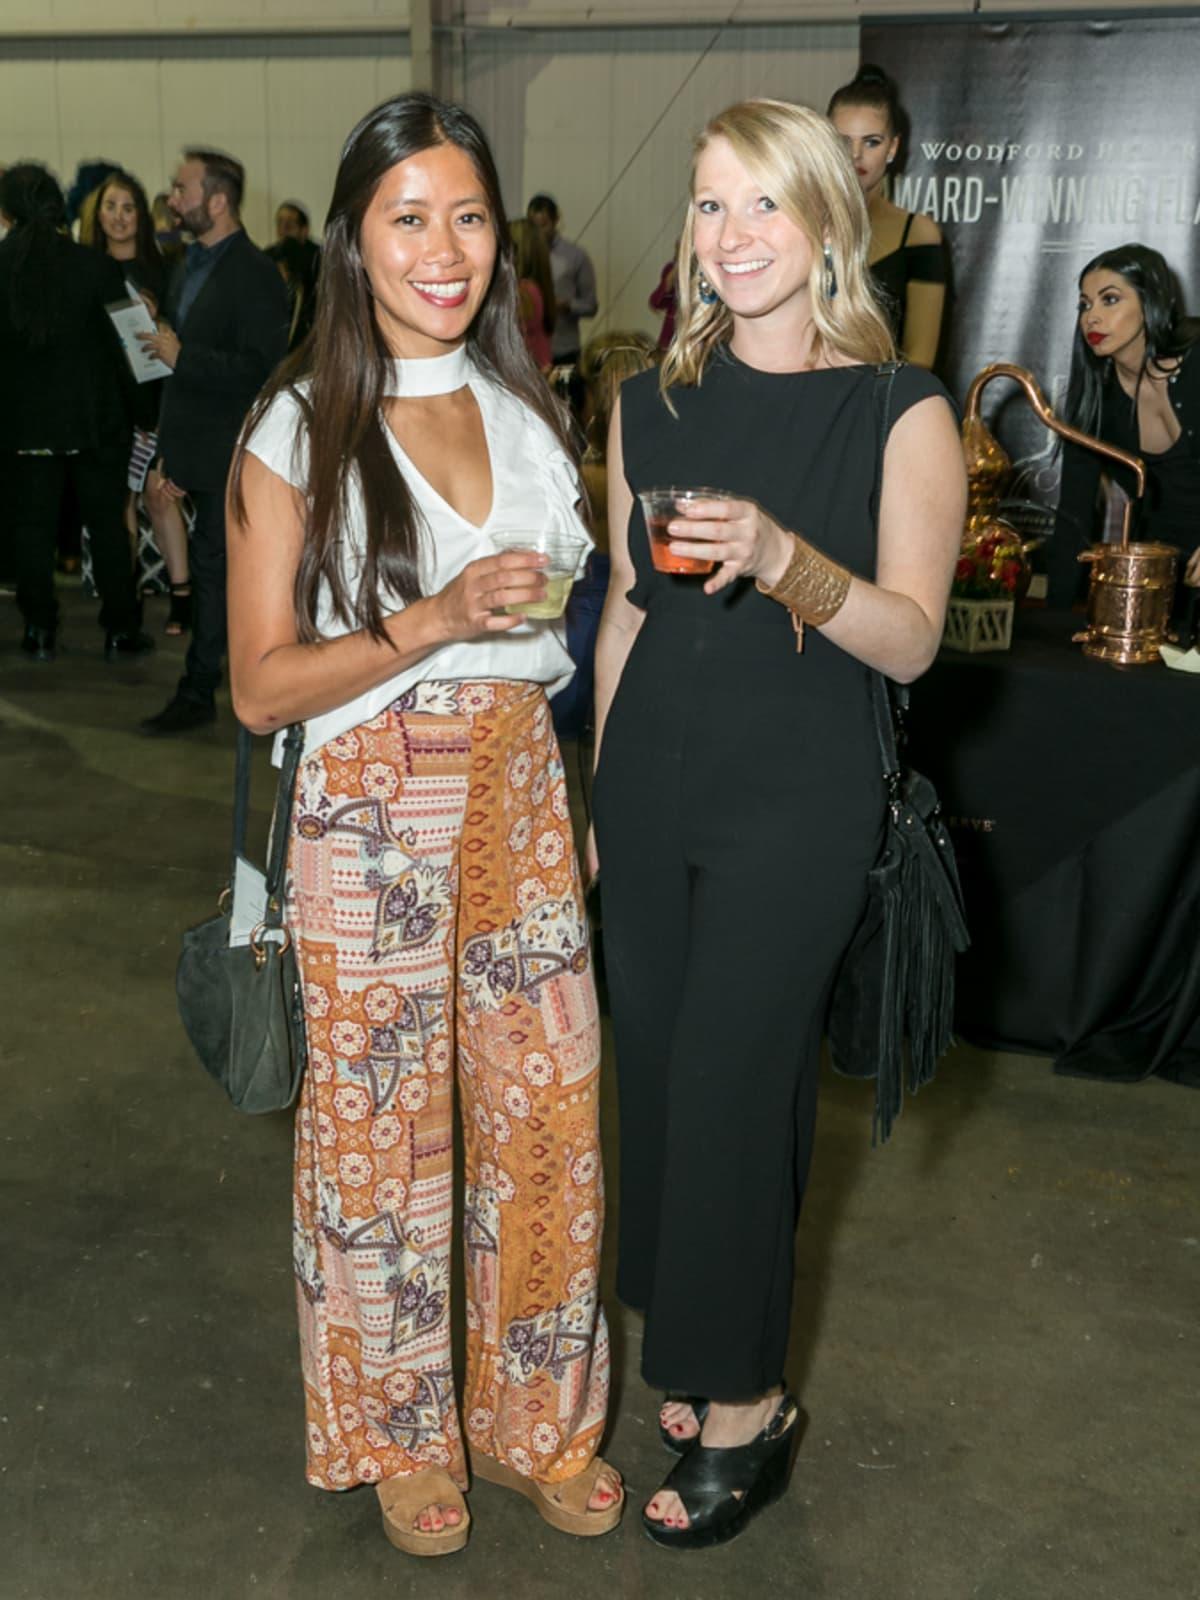 Tastemaker Awards 2018 Taylor Otte, Amanda Cotler